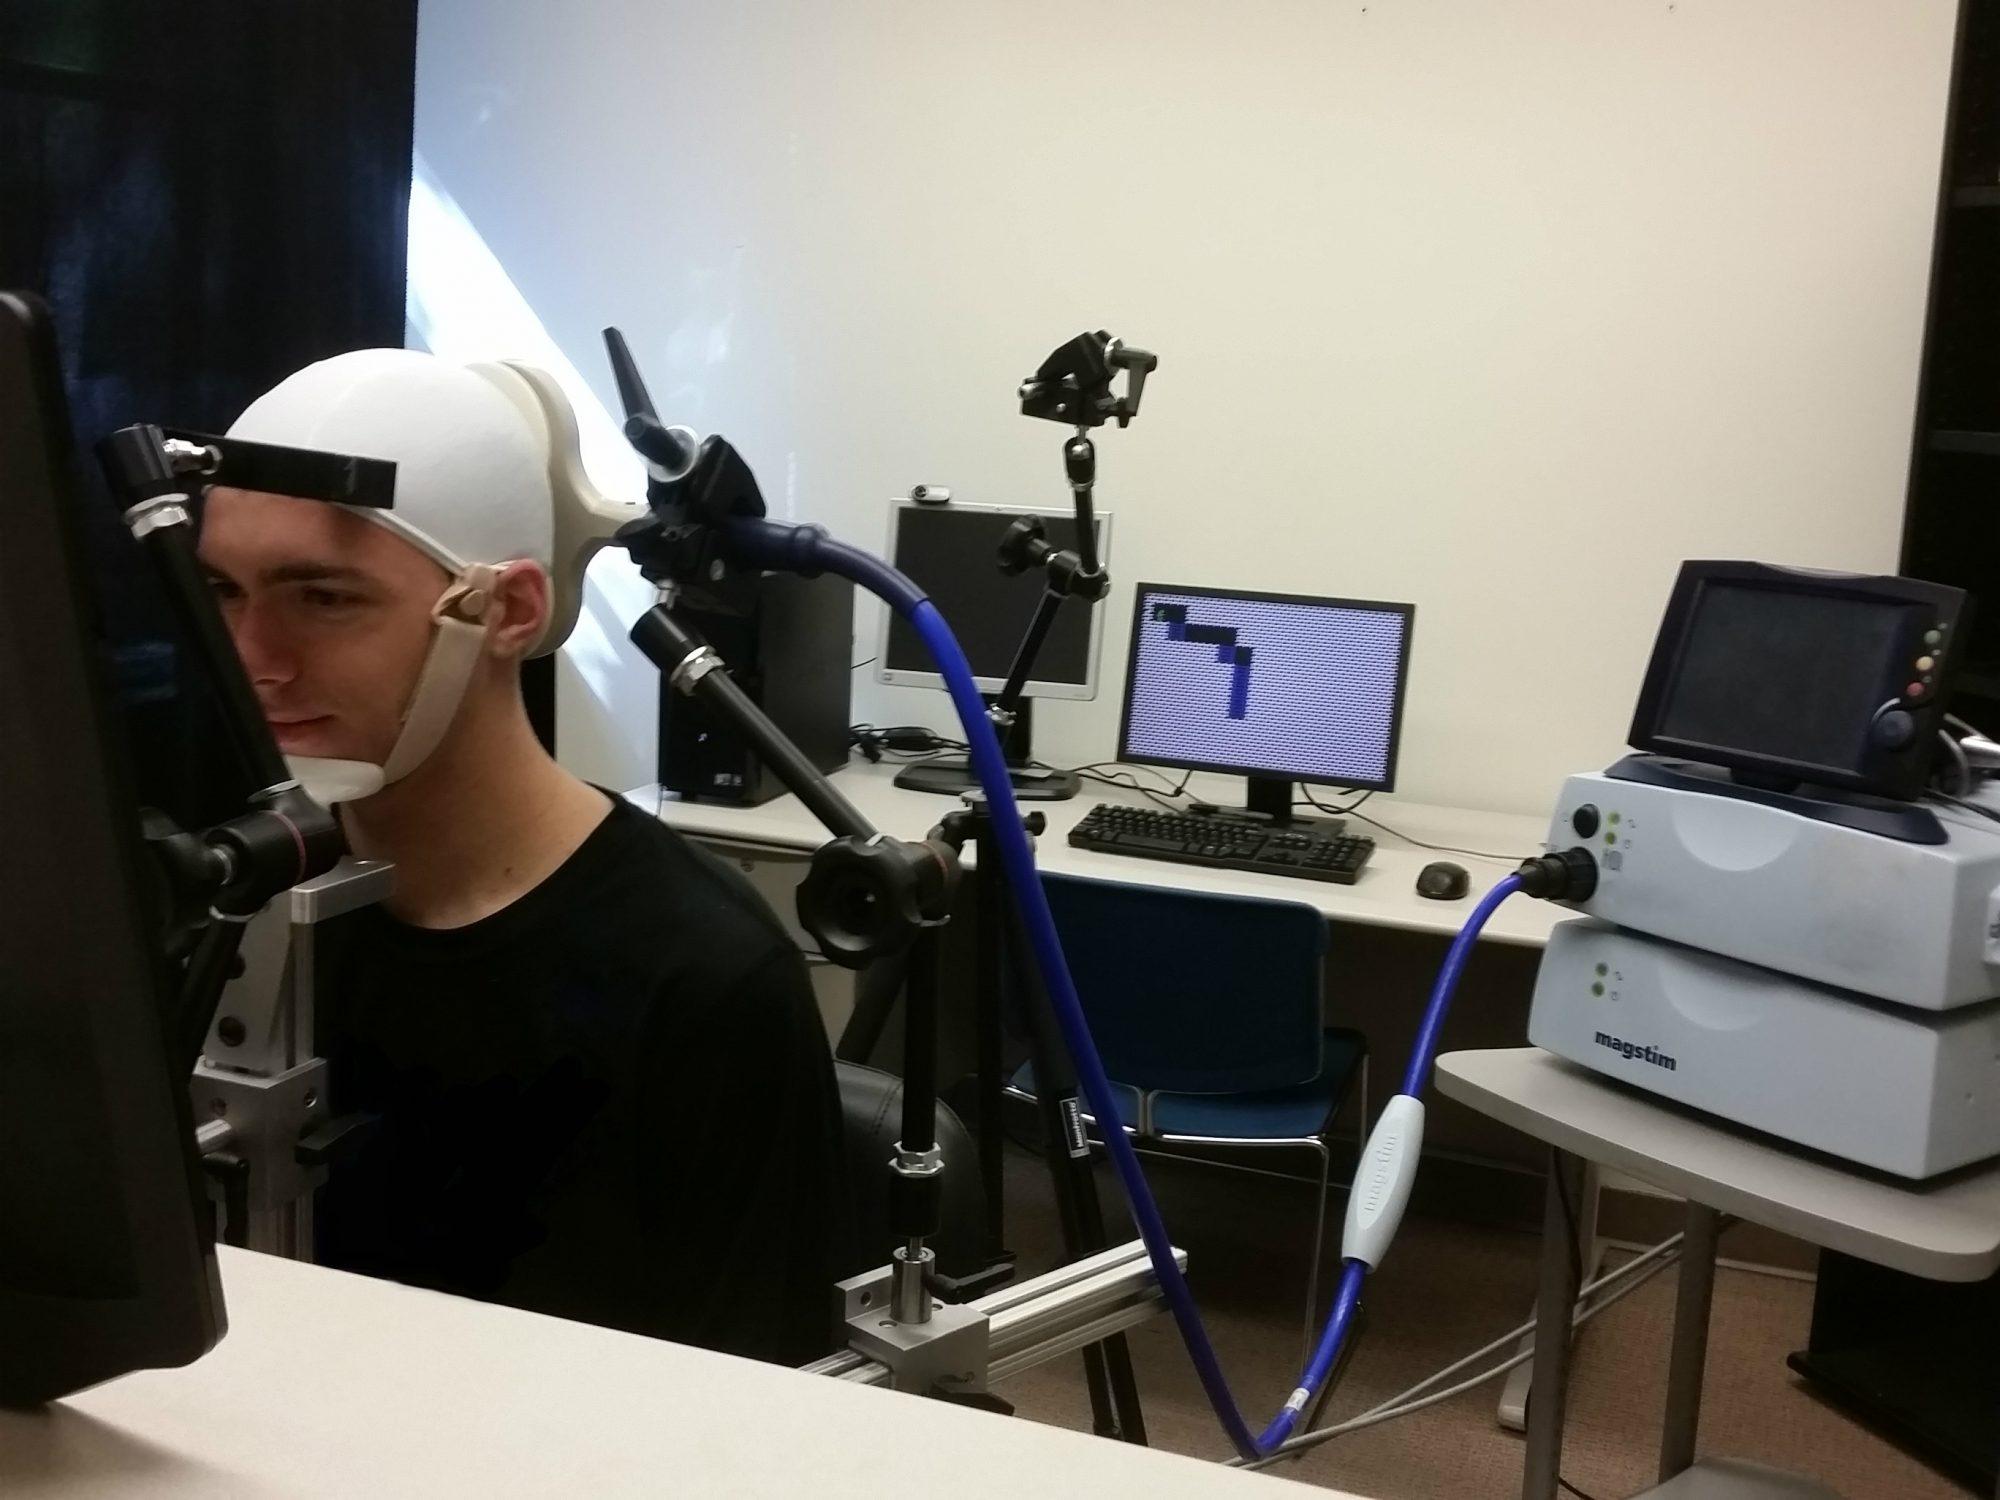 Un humain a pu jouer à un jeu vidéo à l'intérieur de son cerveau